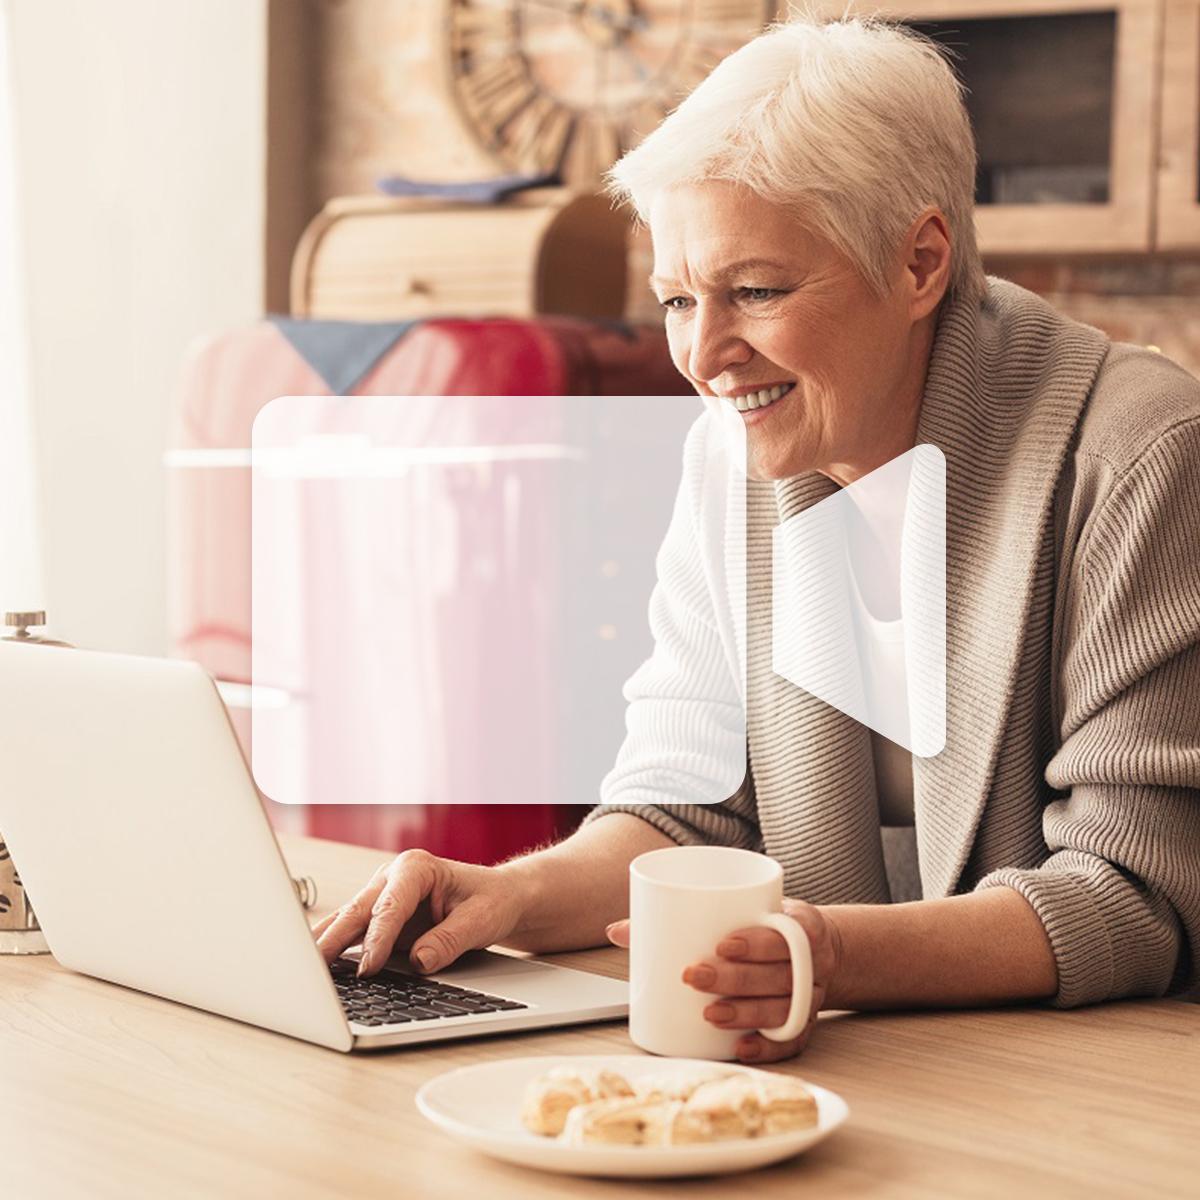 En ligne - Le cercle de connexion